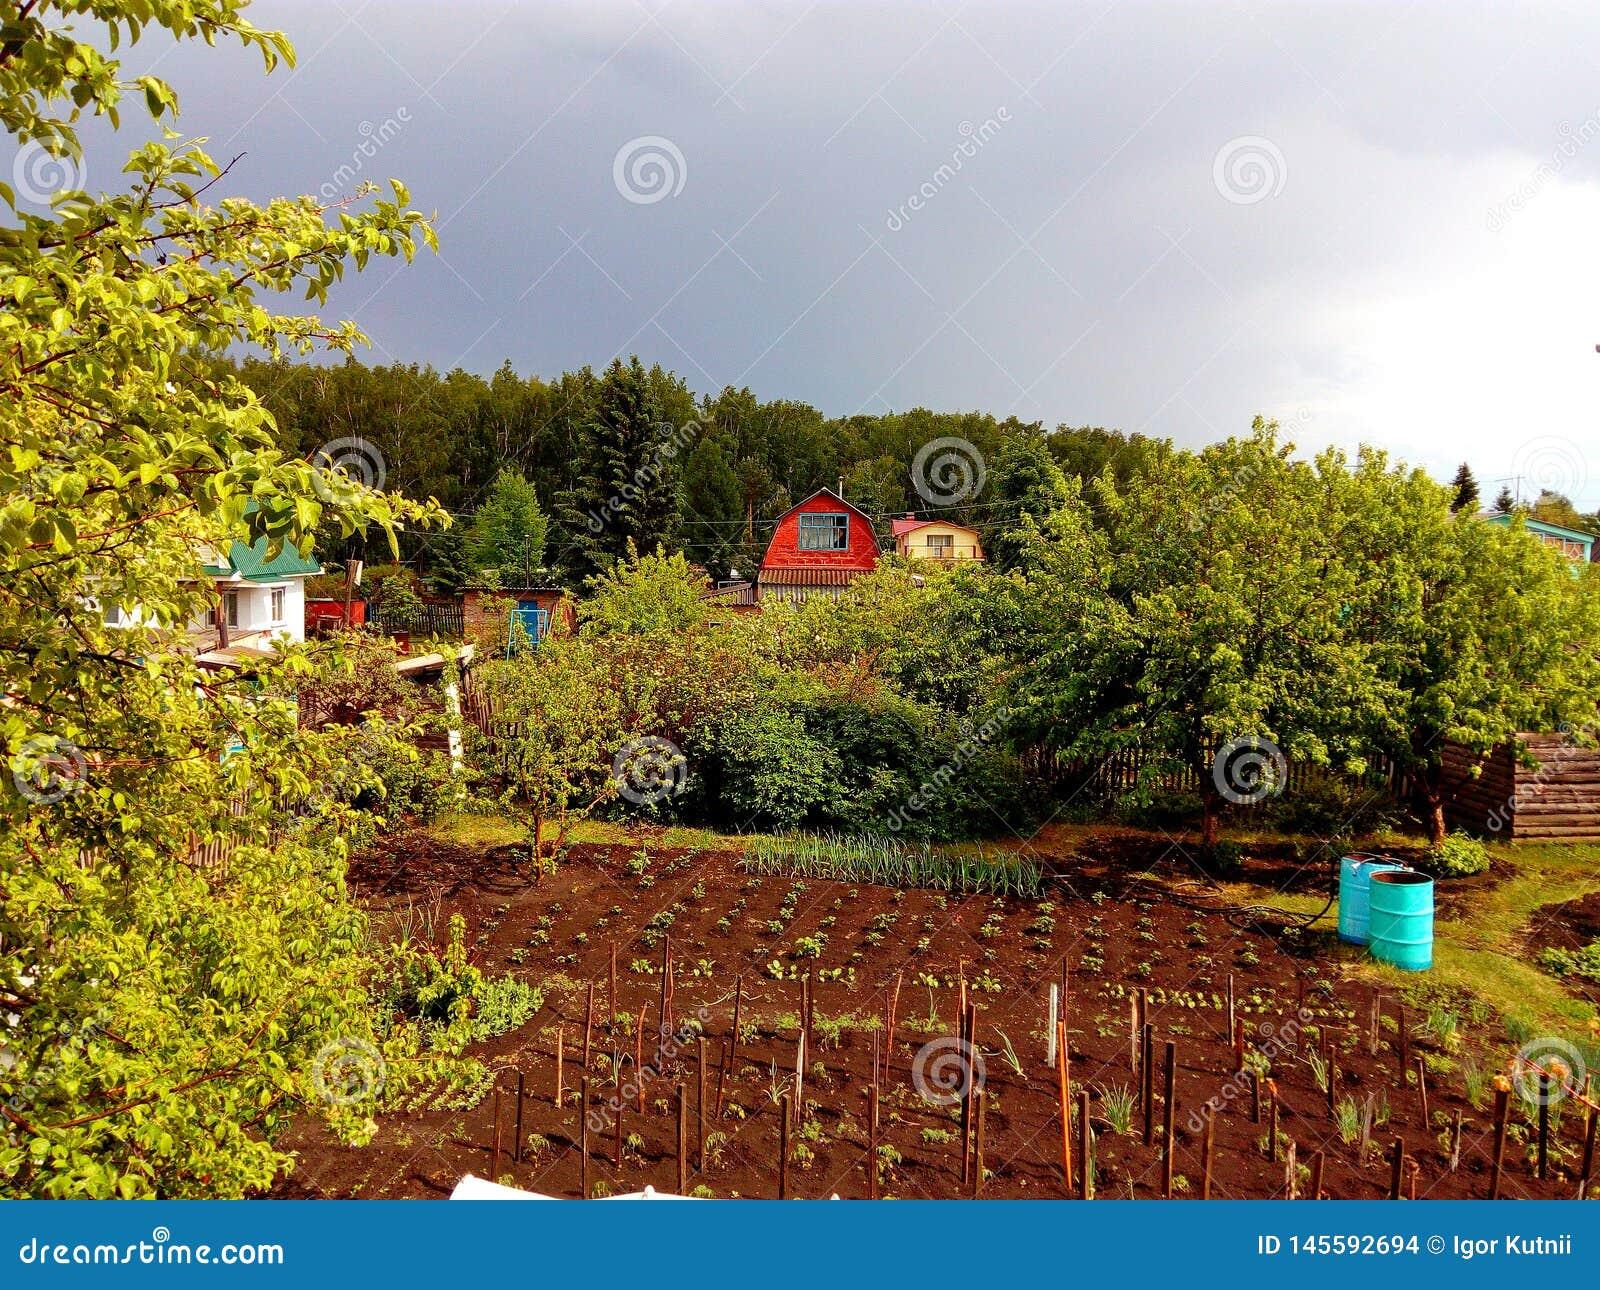 Φύση γύρω από ένα εξοχικό σπίτι χωρών πριν από μια καταιγίδα